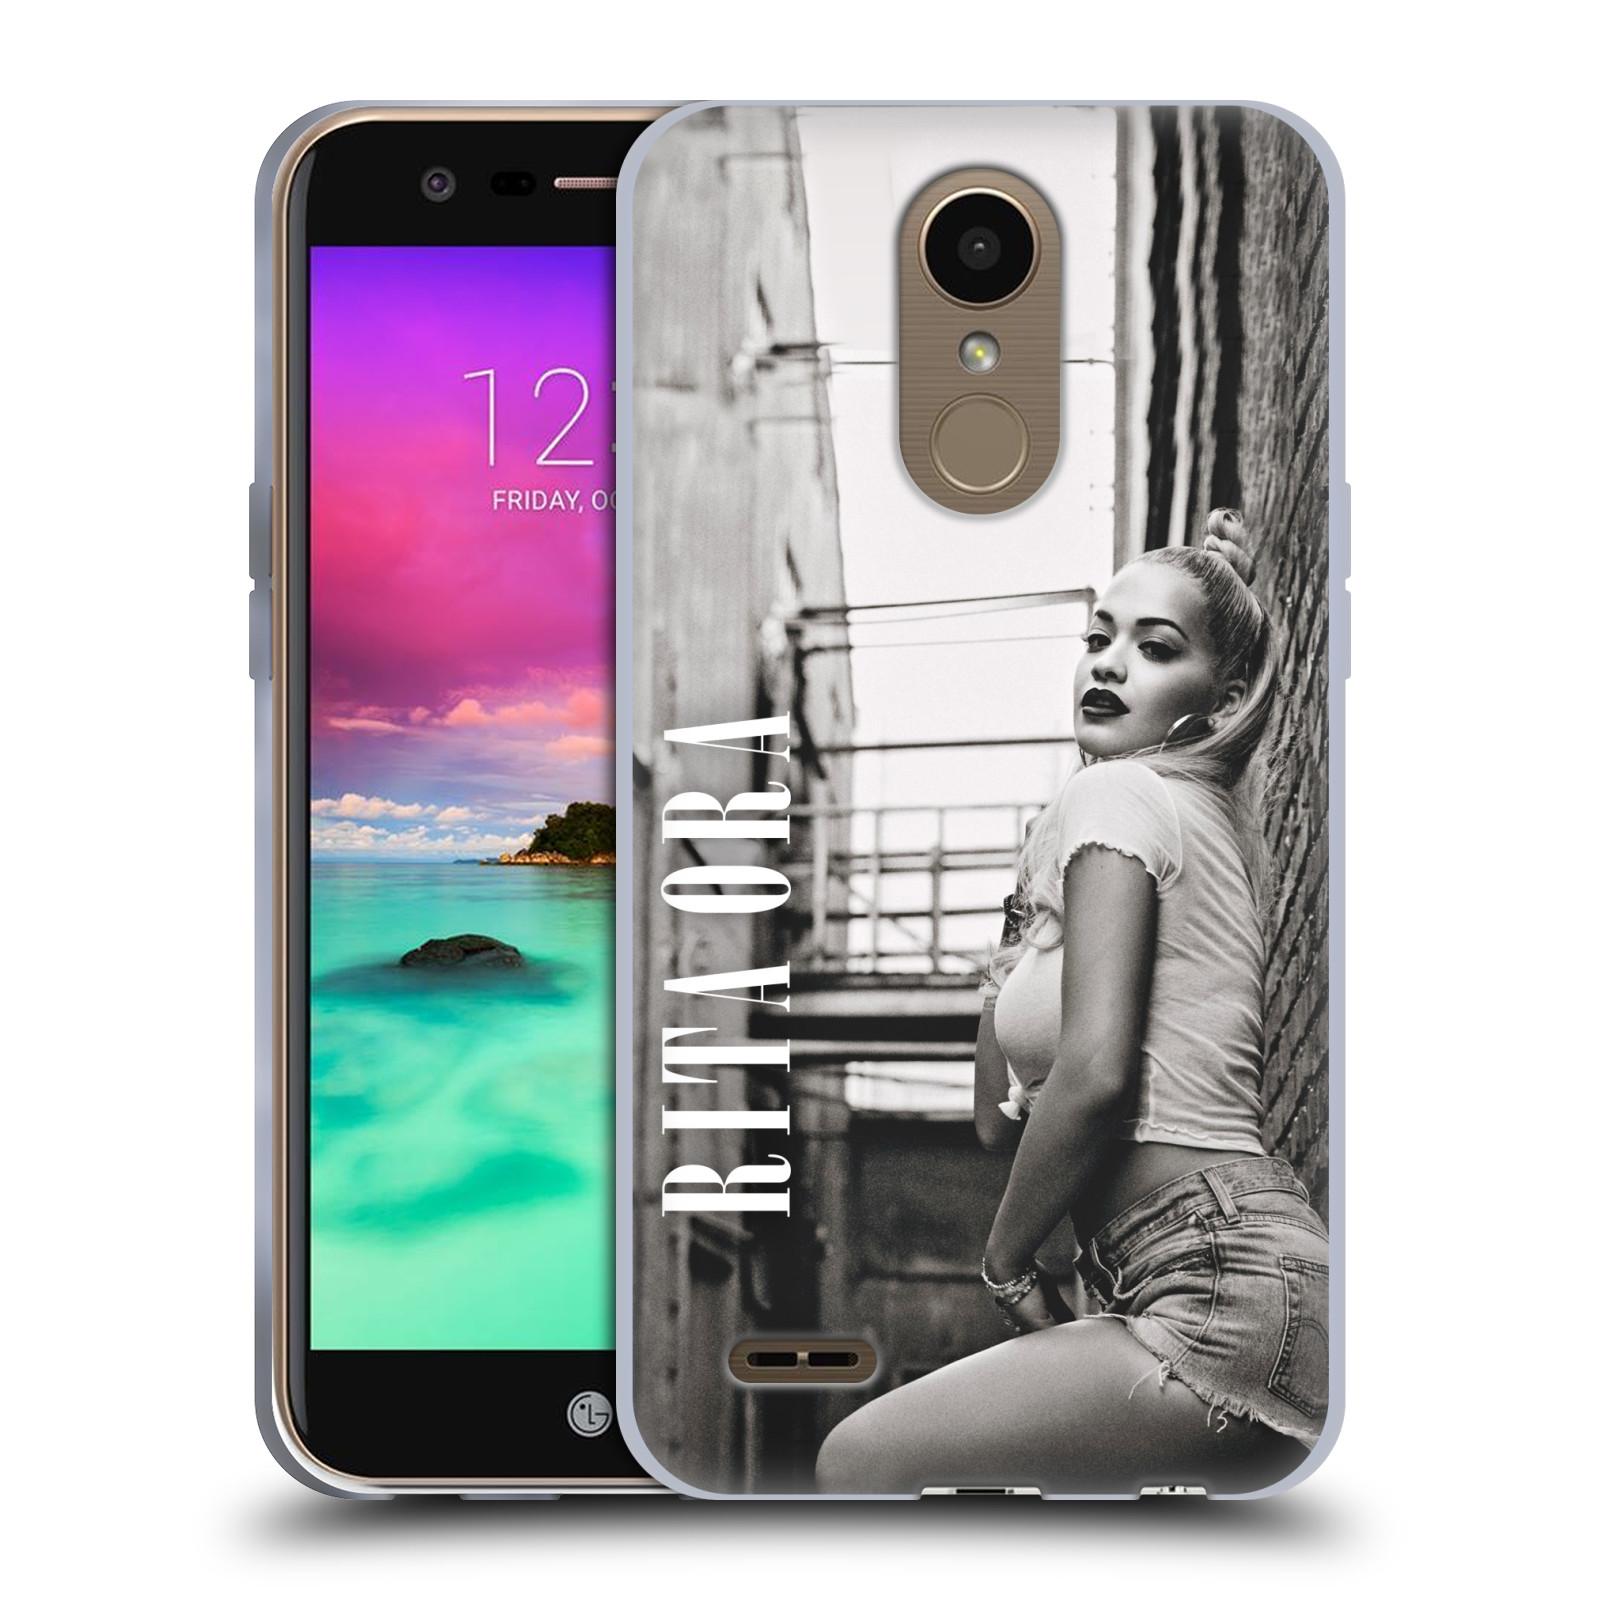 HEAD CASE silikonový obal na mobil LG K10 2017 / K10 2017 DUAL SIM zpěvačka Rita Ora foto černobílá